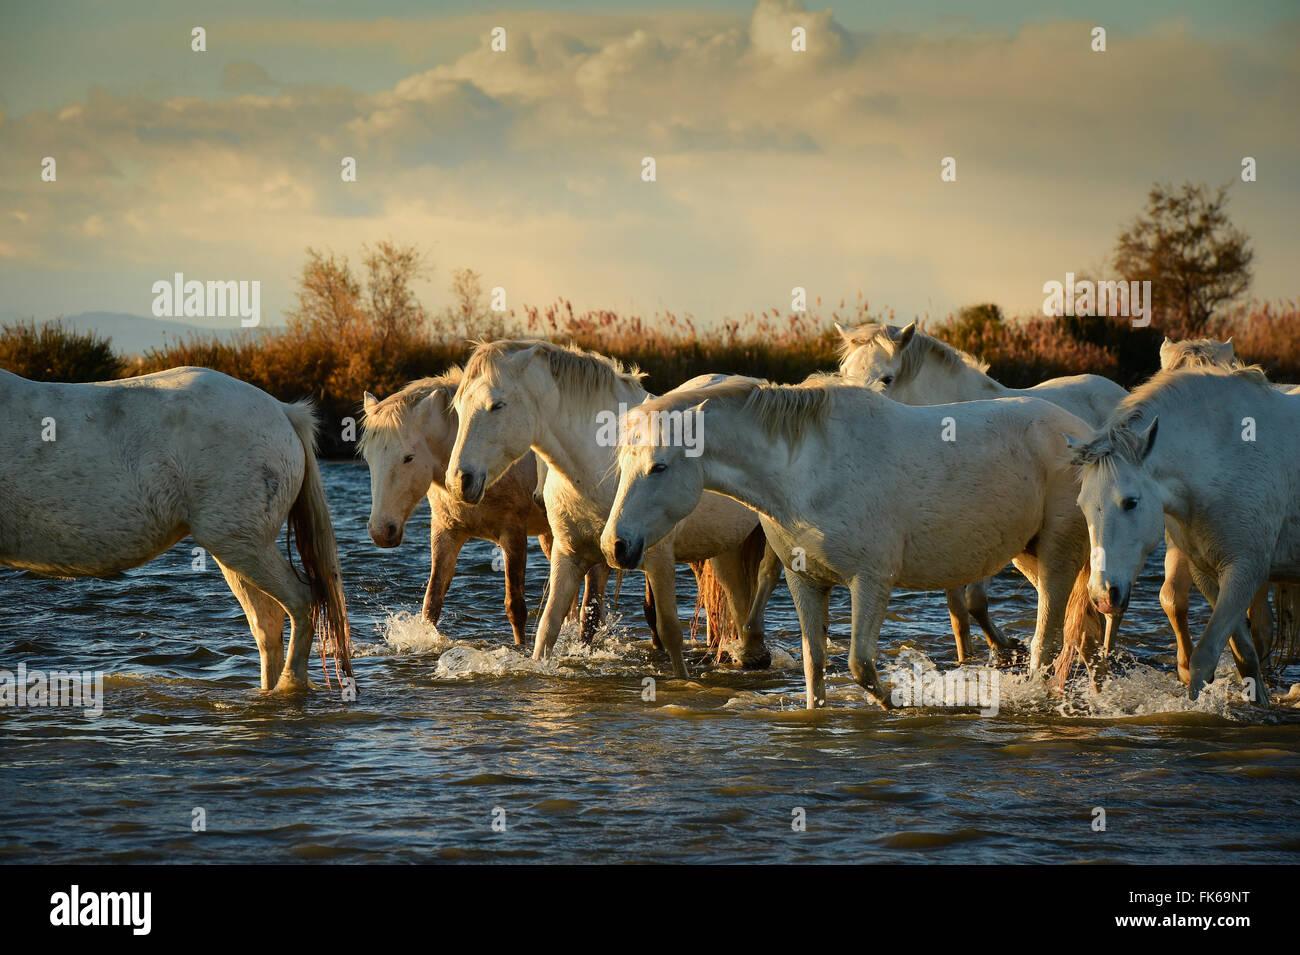 Wild white horses, Camargue, France, Europe - Stock Image